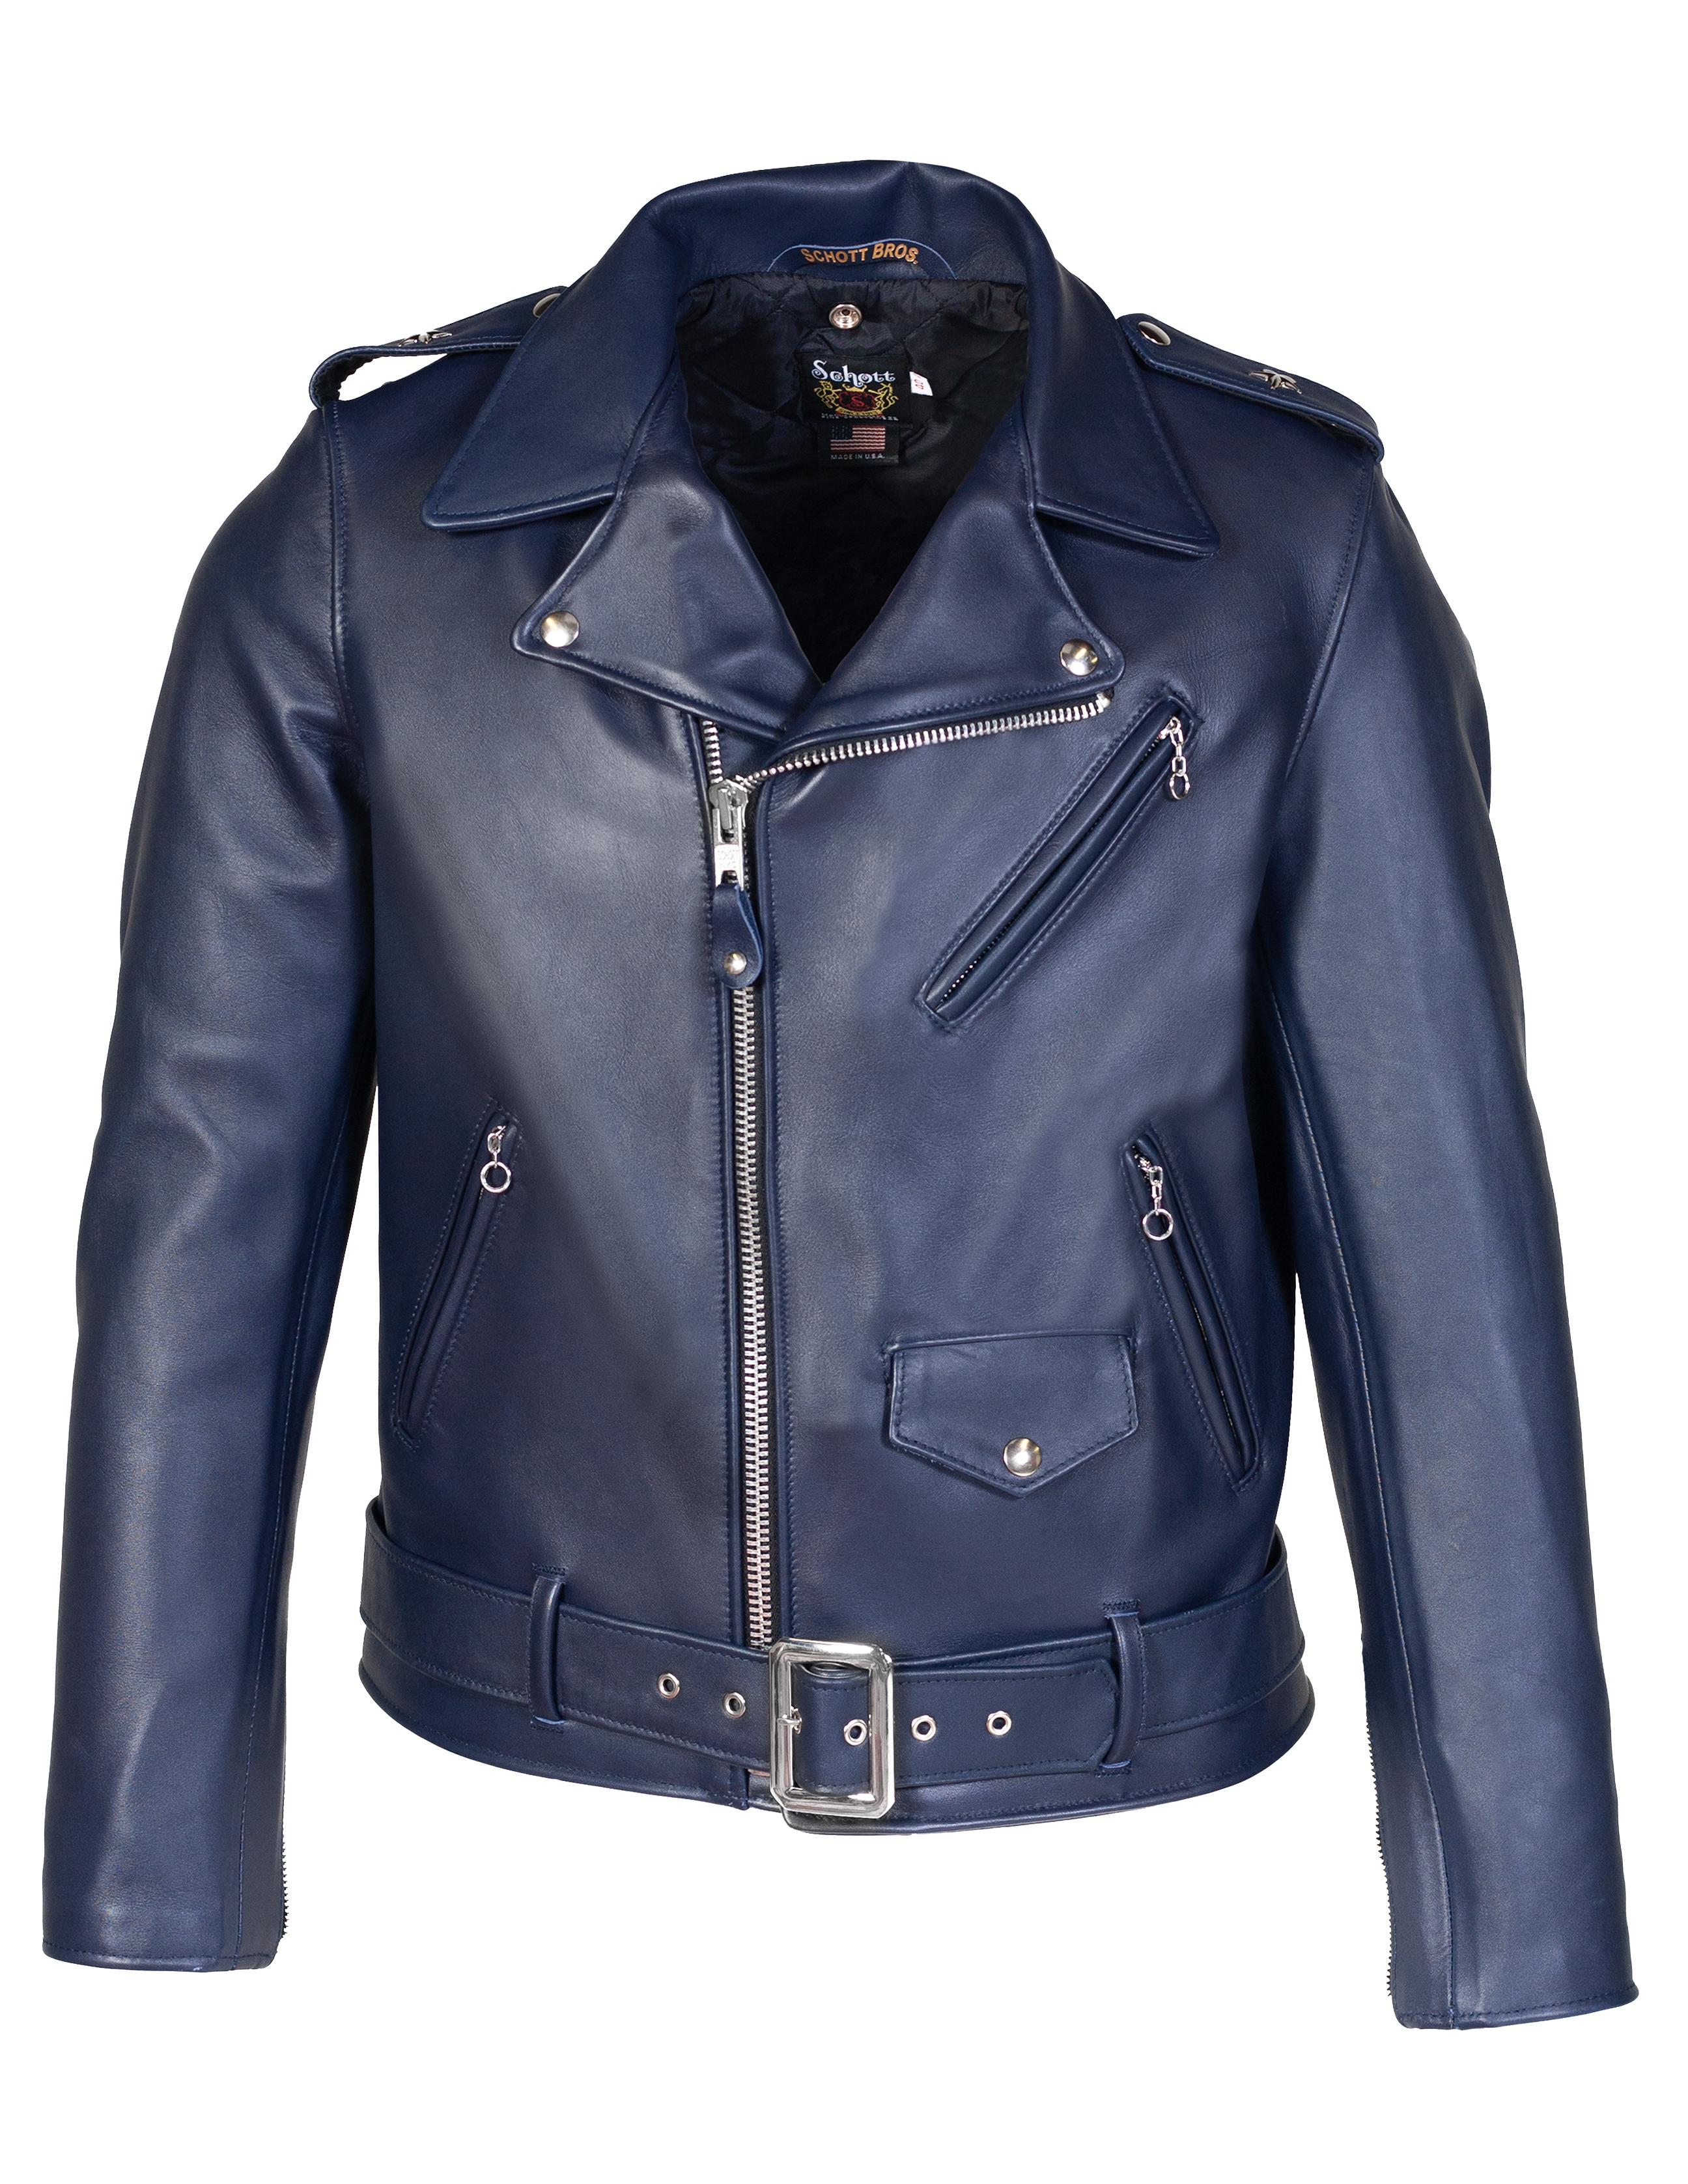 Schott N.Y.C. 613UST Men's Steerhide Motorcycle Jacket